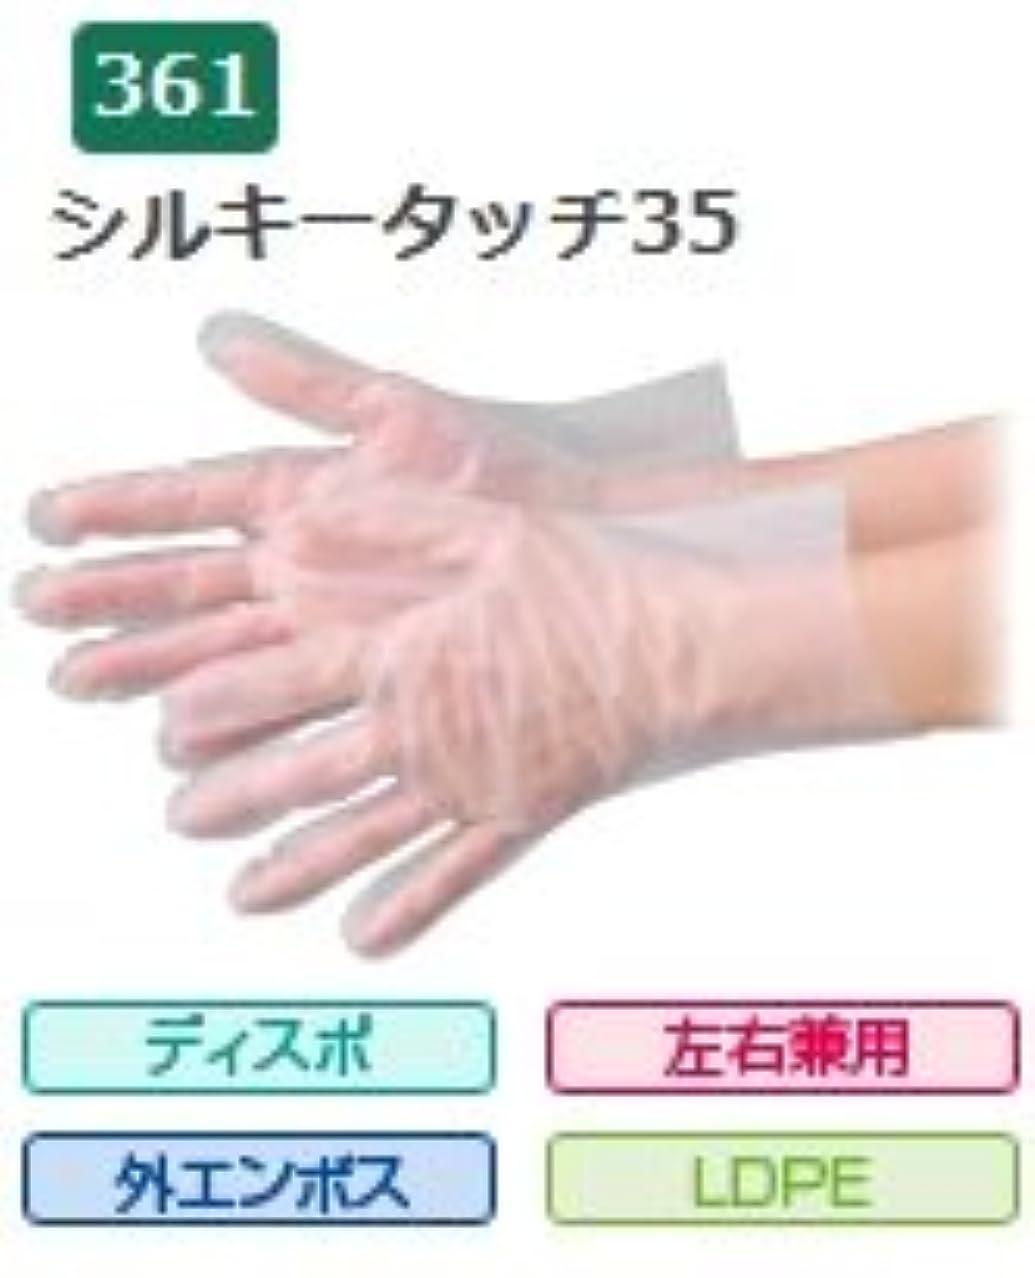 アブストラクト準拠インセンティブエブノ ポリエチレン手袋 No.361 L 半透明 (100枚×50箱) シルキータッチ35 箱入